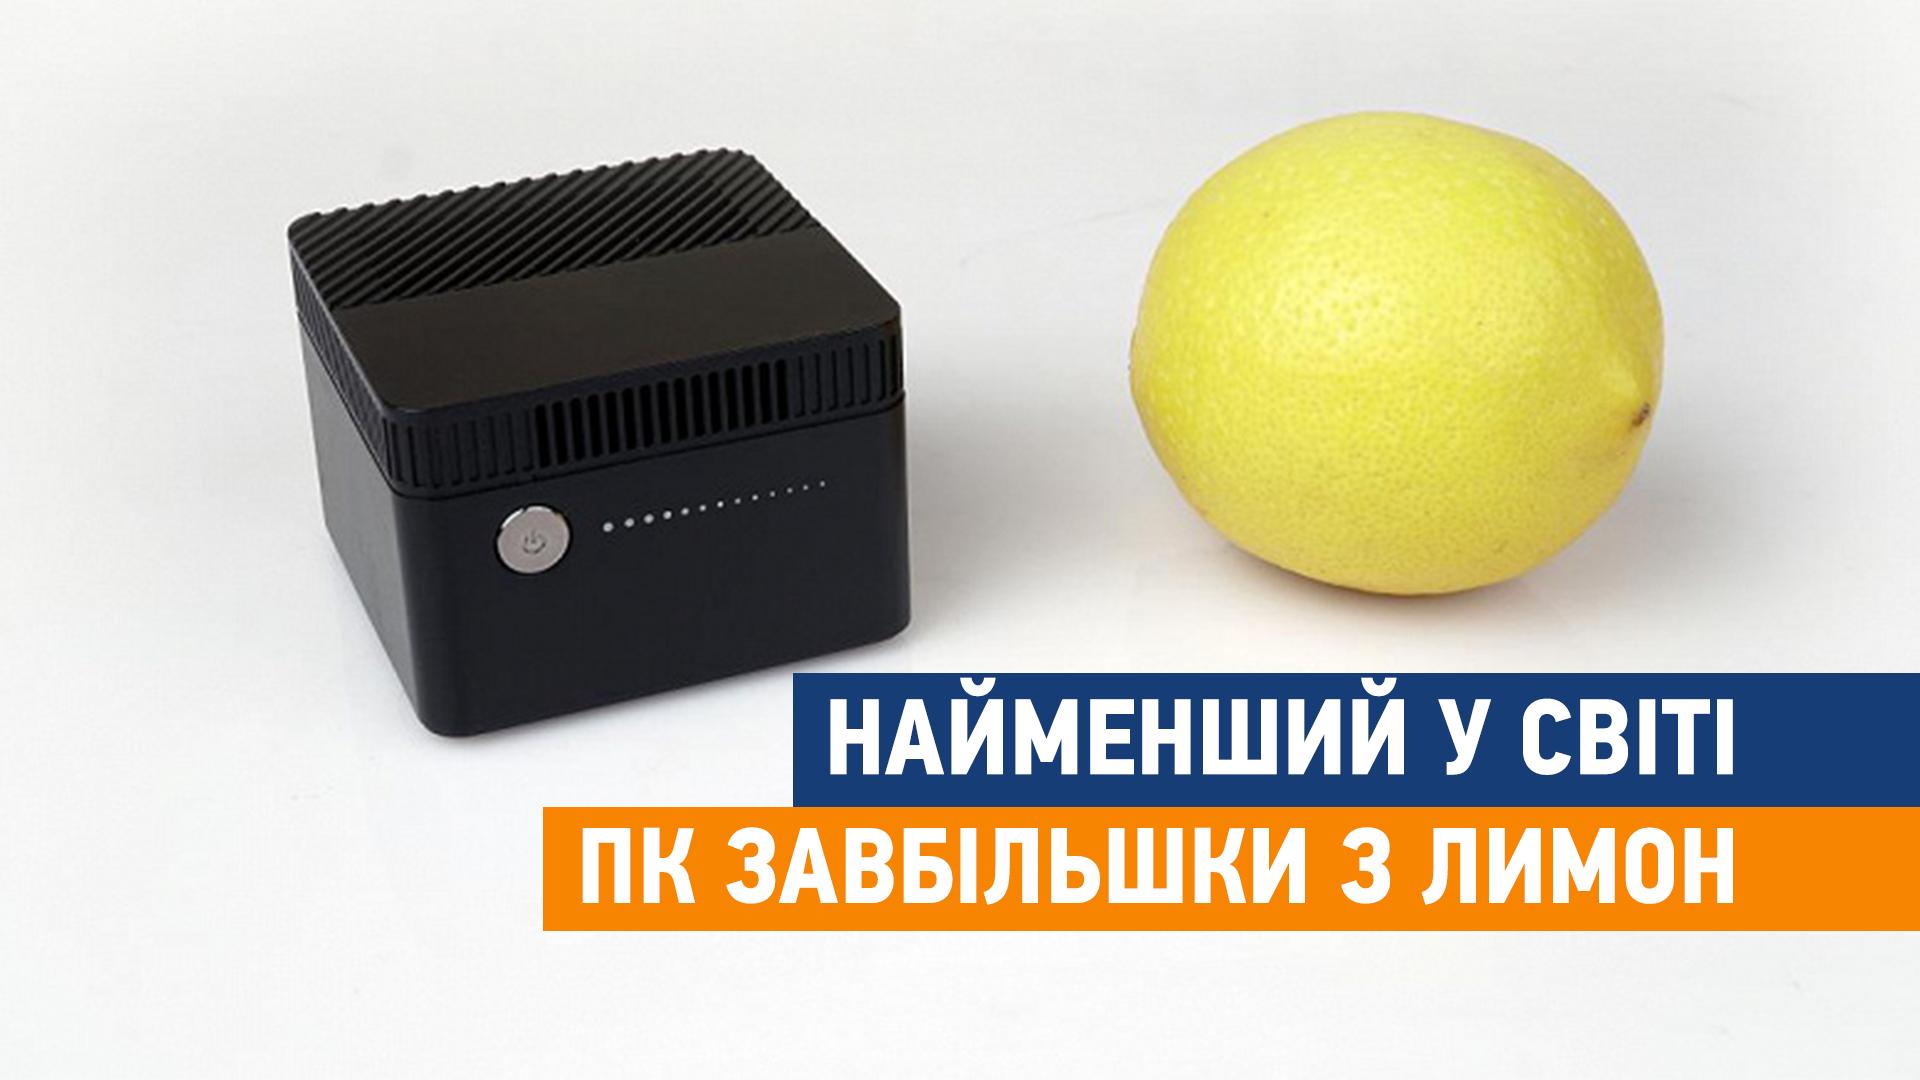 Найменший у світі ПК завбільшки з лимон -  - chuwi poglyad 1